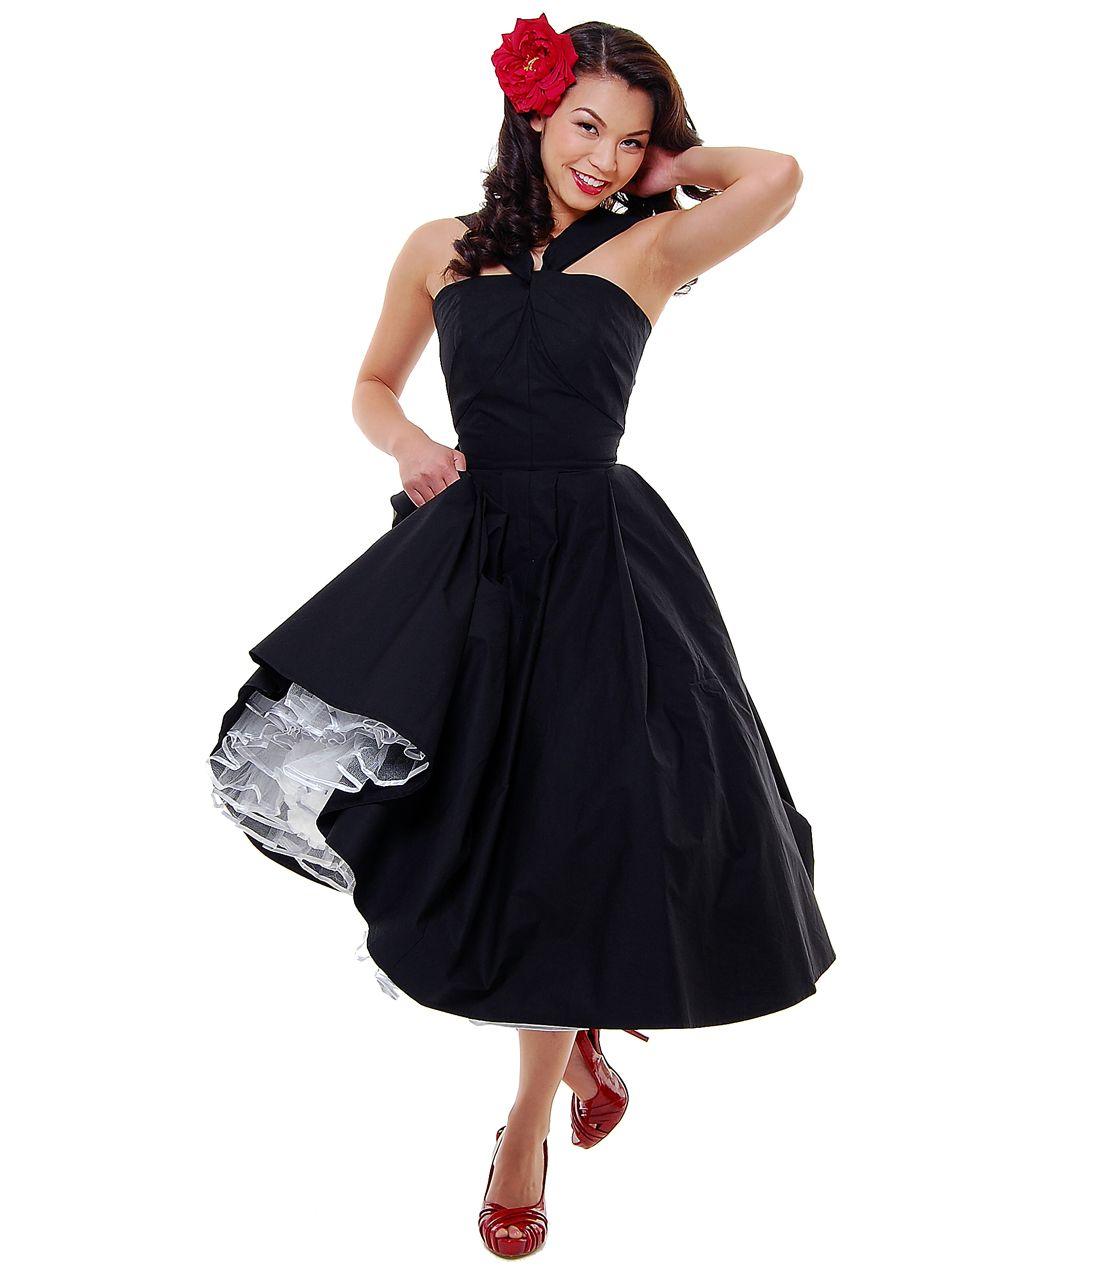 Black dress vintage - Unique Vintage Halter Back To The 50 S Black Cotton Swing Dress Unique Vintage Cocktail